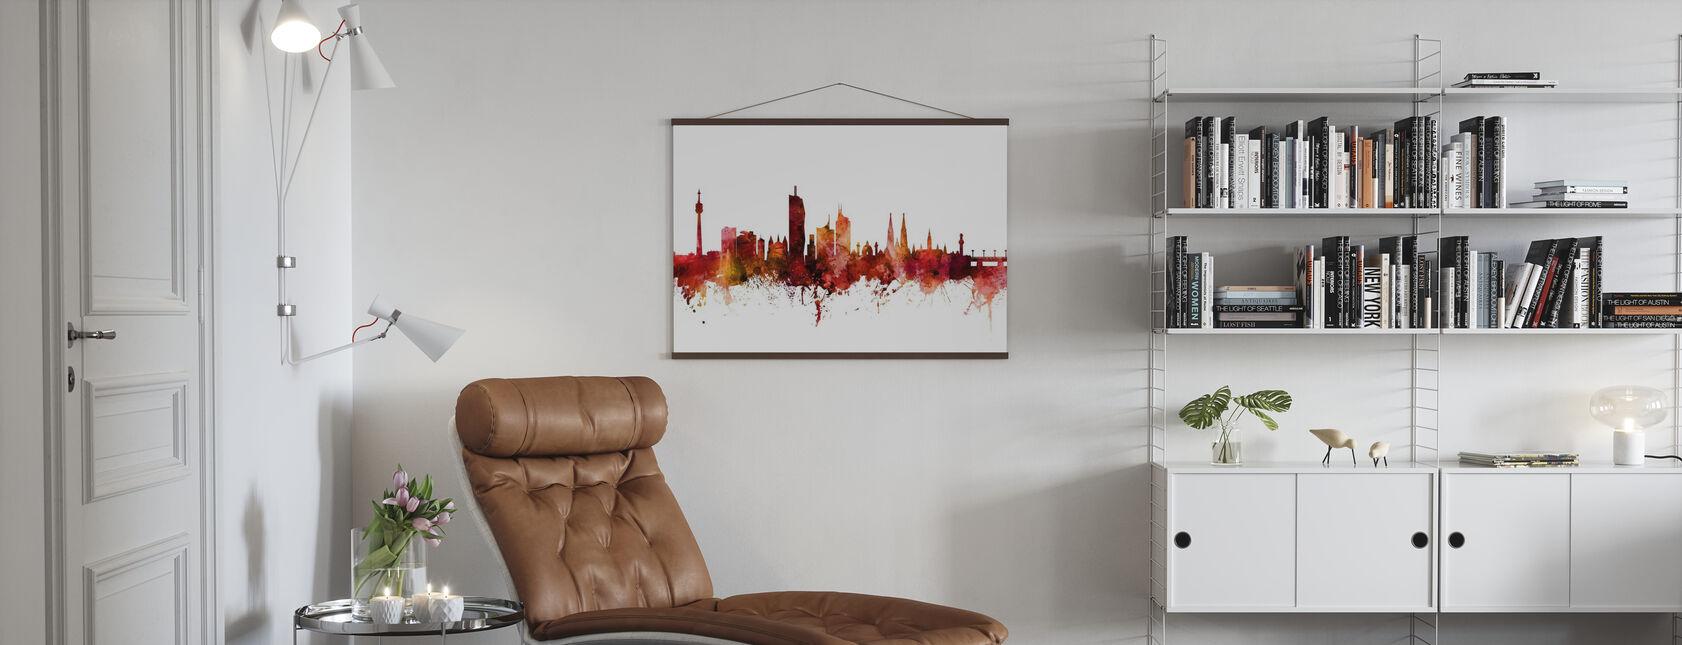 Skyline Wien Österreich - Poster - Wohnzimmer